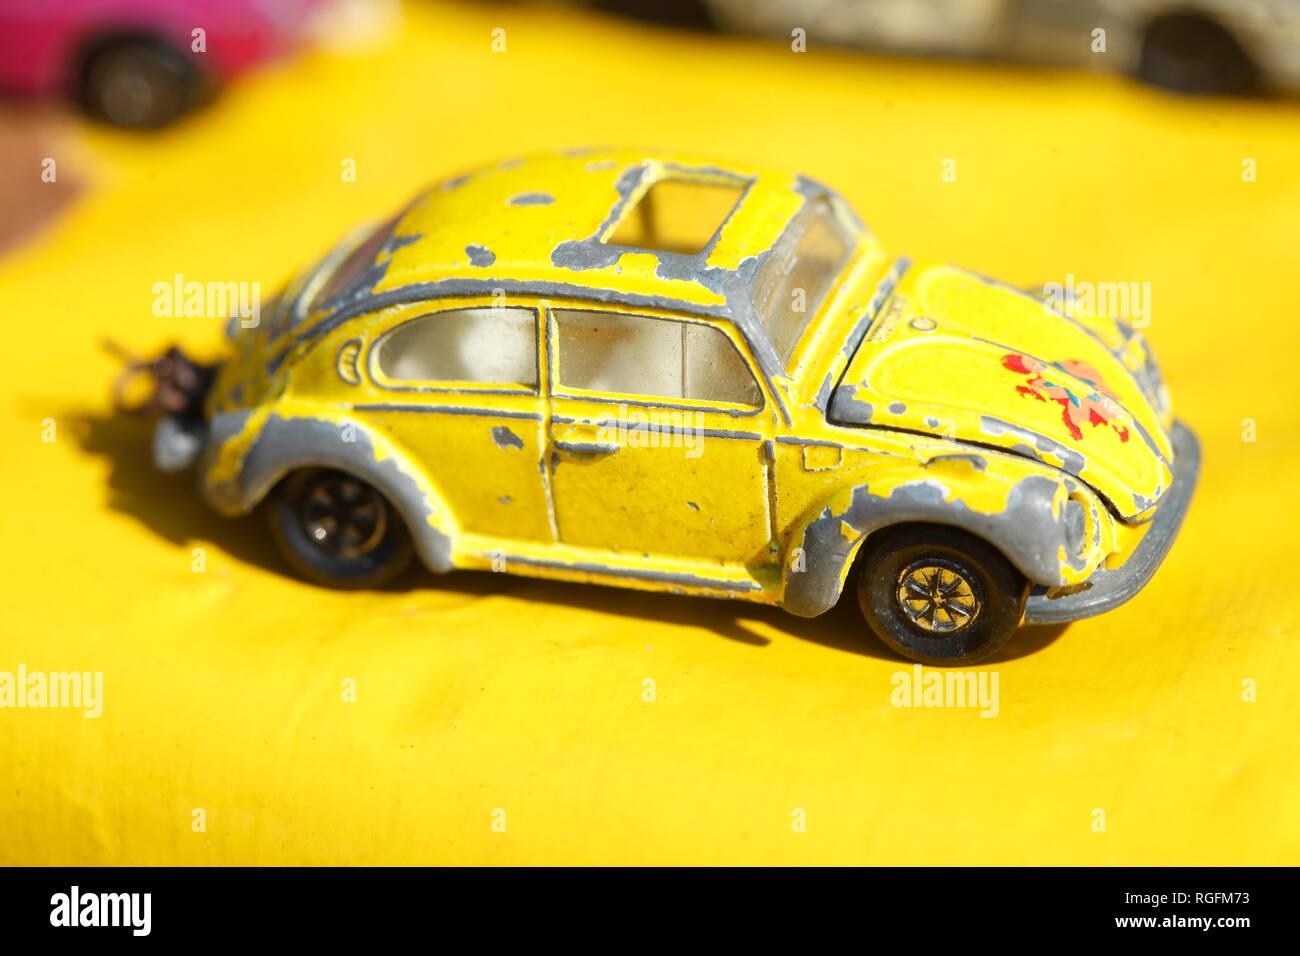 Altes gelbes VW-Käfer Speilzeugauto auf einem Flohmarkt - Stock Image